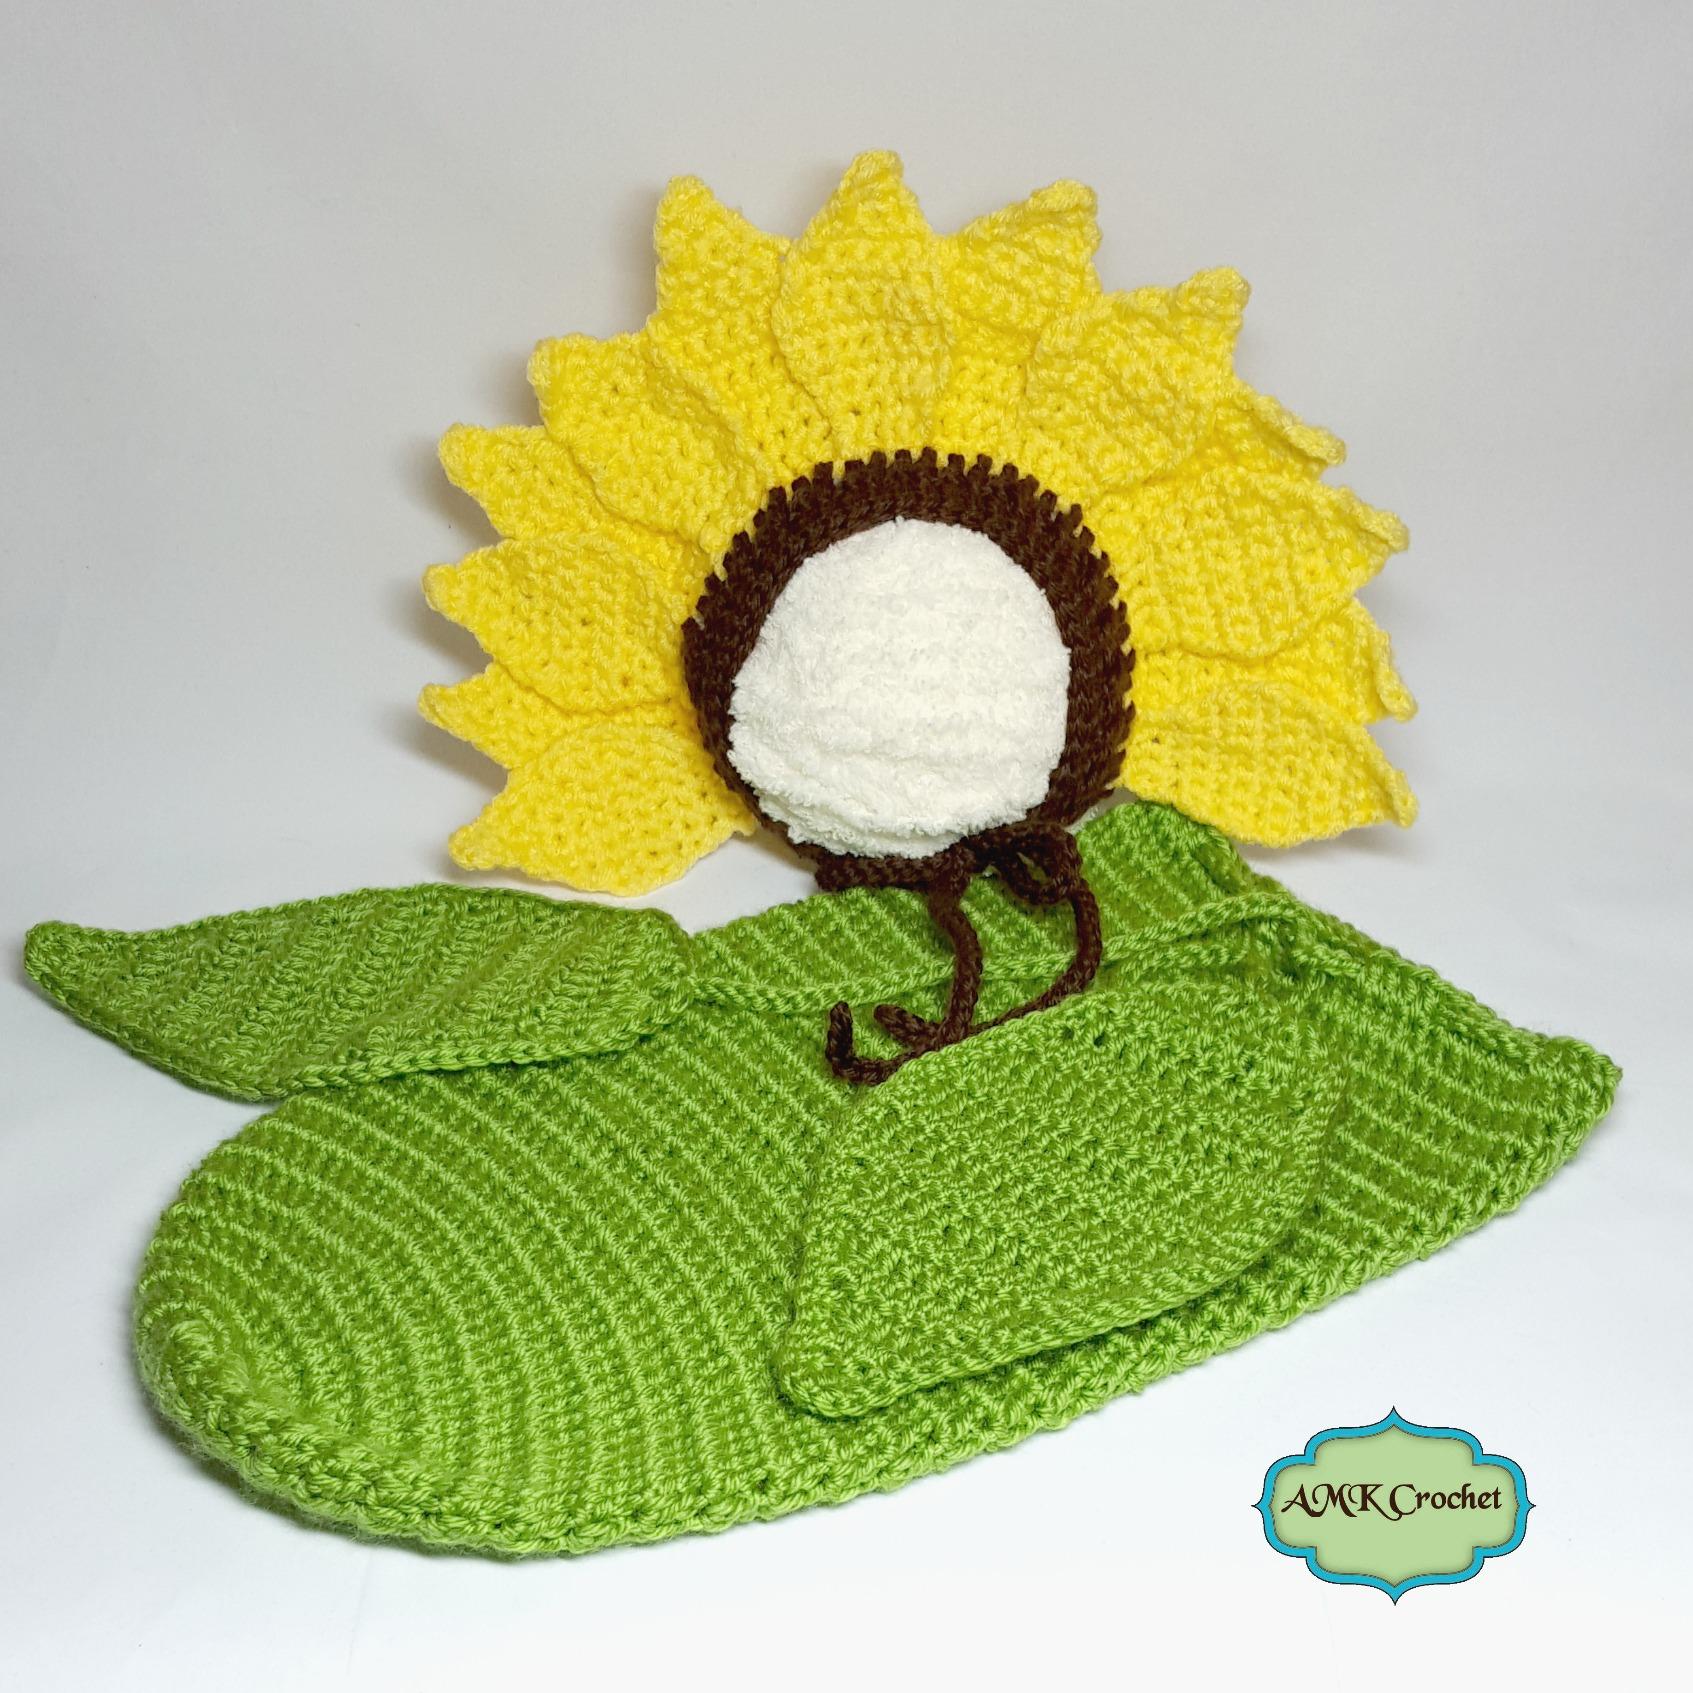 Sunflower Crochet Baby Hat Pattern : Crochet Newborn Sunflower Photo Prop Pattern AMK Crochet